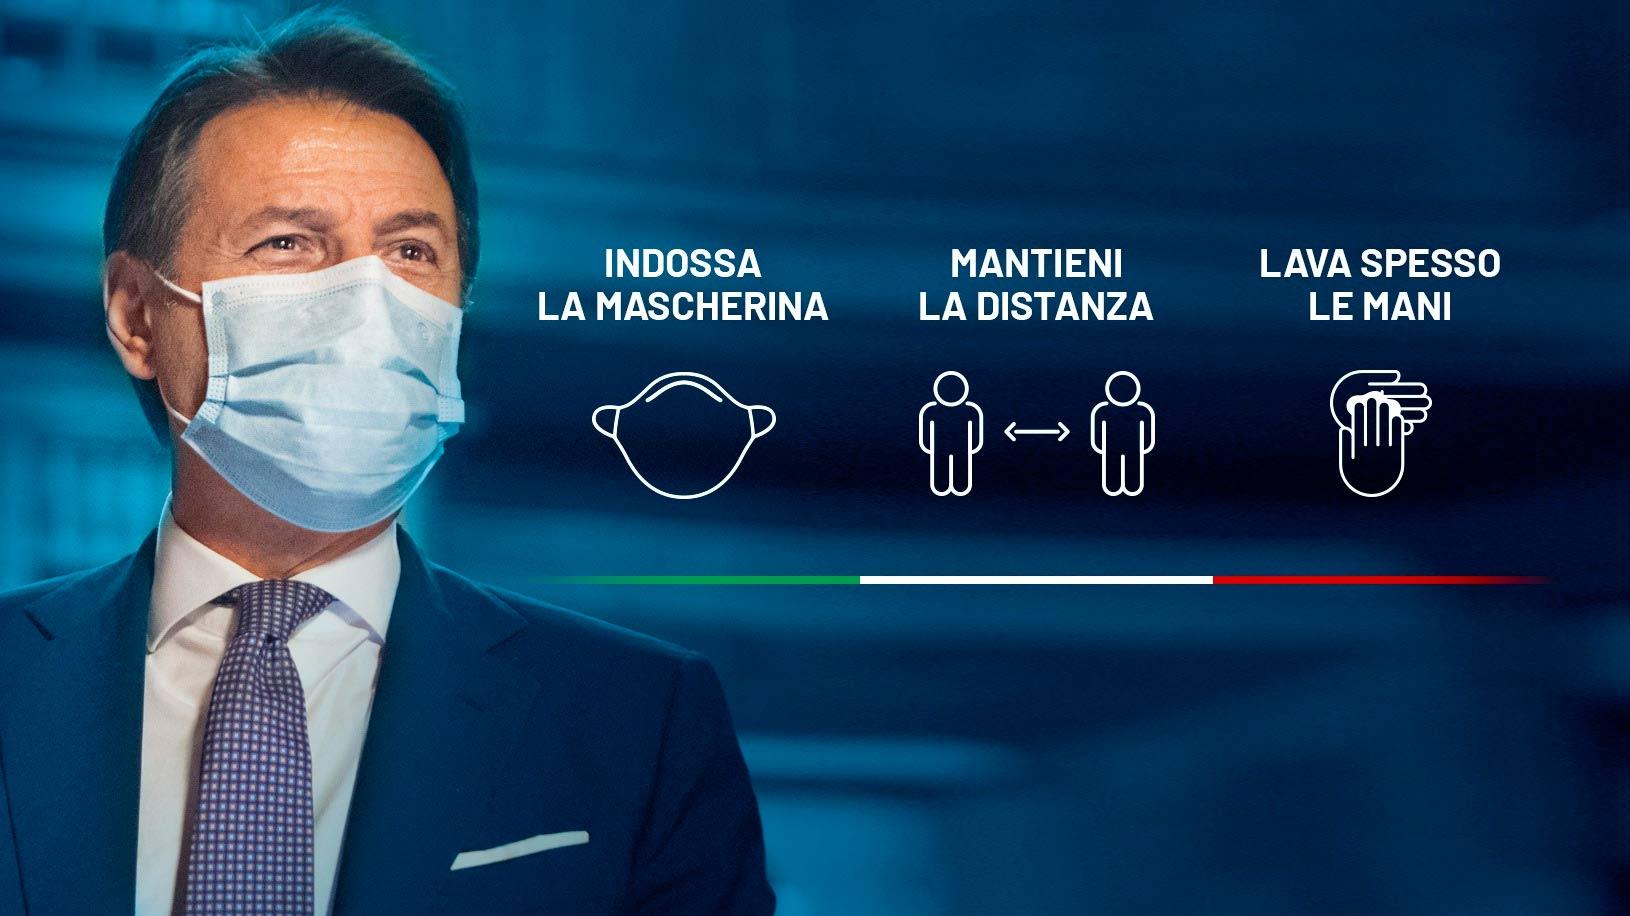 Italien strebt zu Weihnachten die rote Zone an